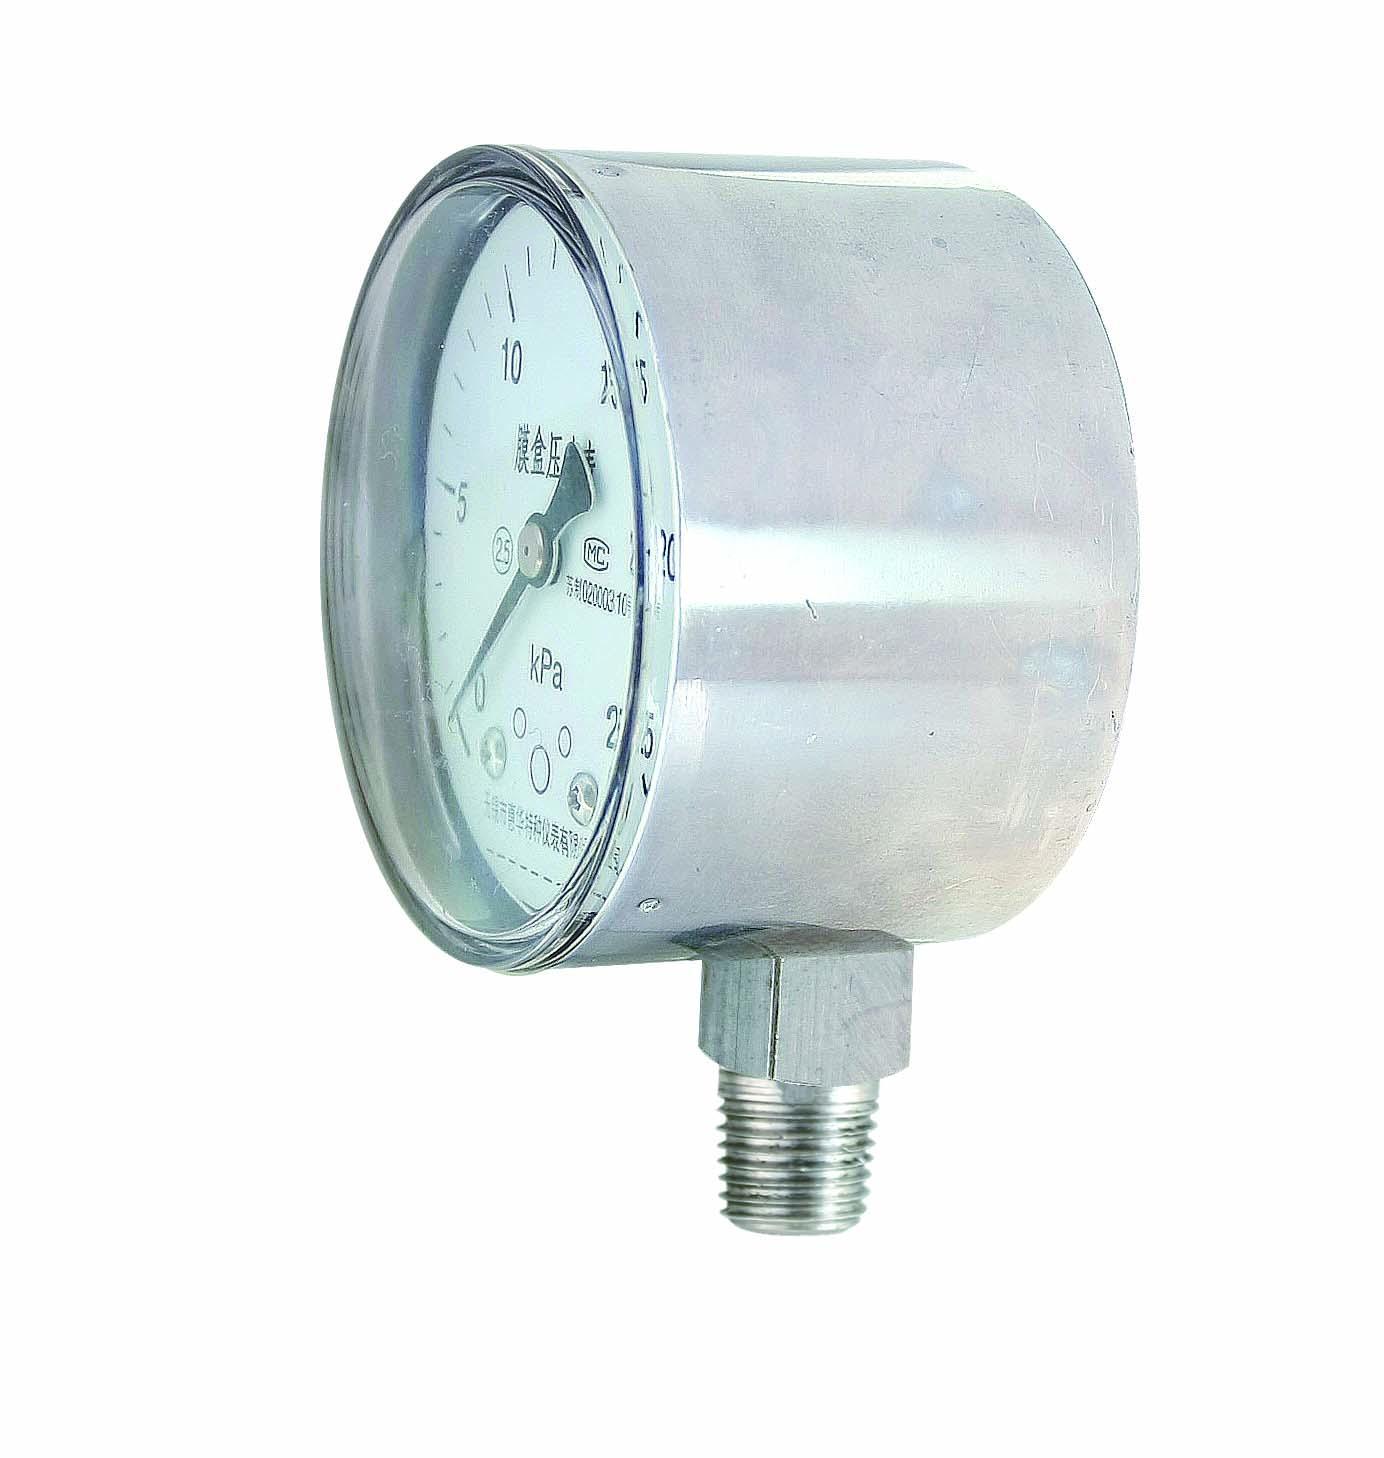 不鏽鋼膜盒壓力表 不鏽鋼微壓表 4